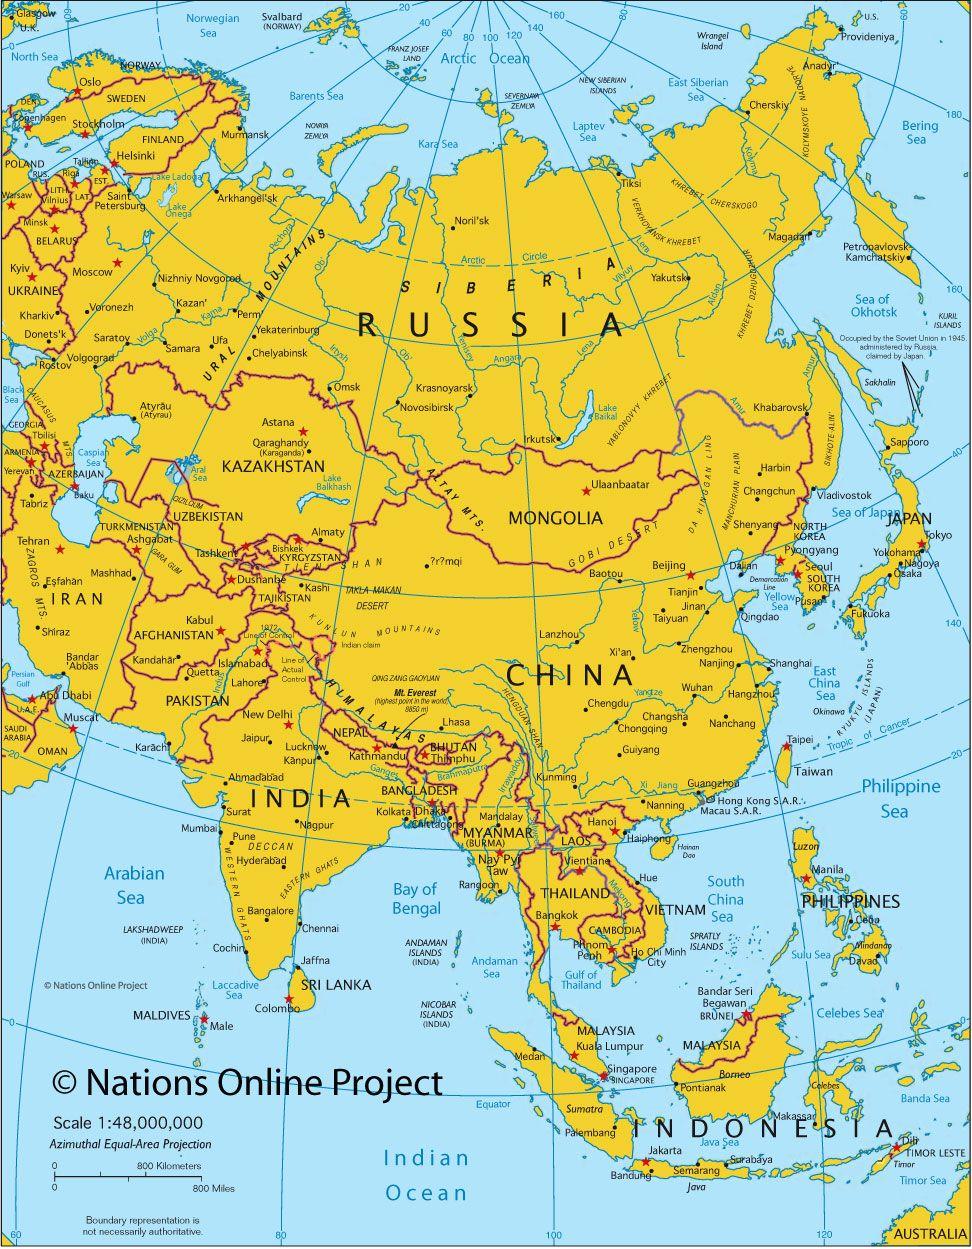 Seven 7 Continents